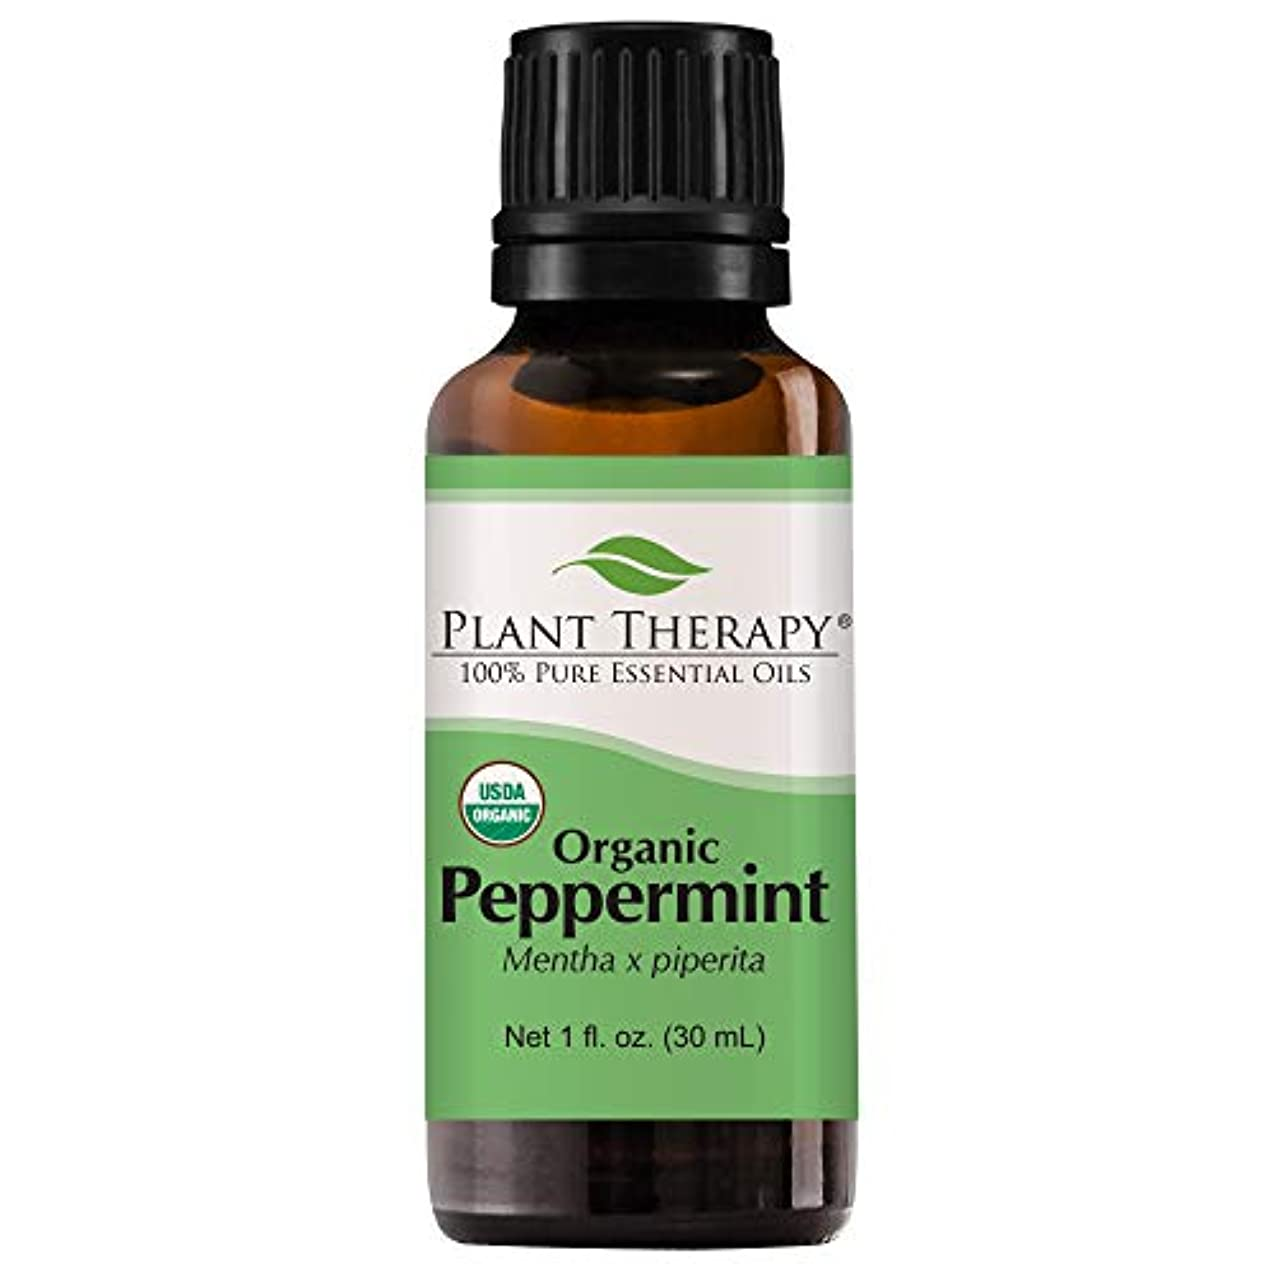 分散繰り返し船員植物セラピーUSDA認定オーガニックペパーミントエッセンシャルオイル。 100%ピュア、希釈していない、治療グレード。 30mLの(1オンス)。